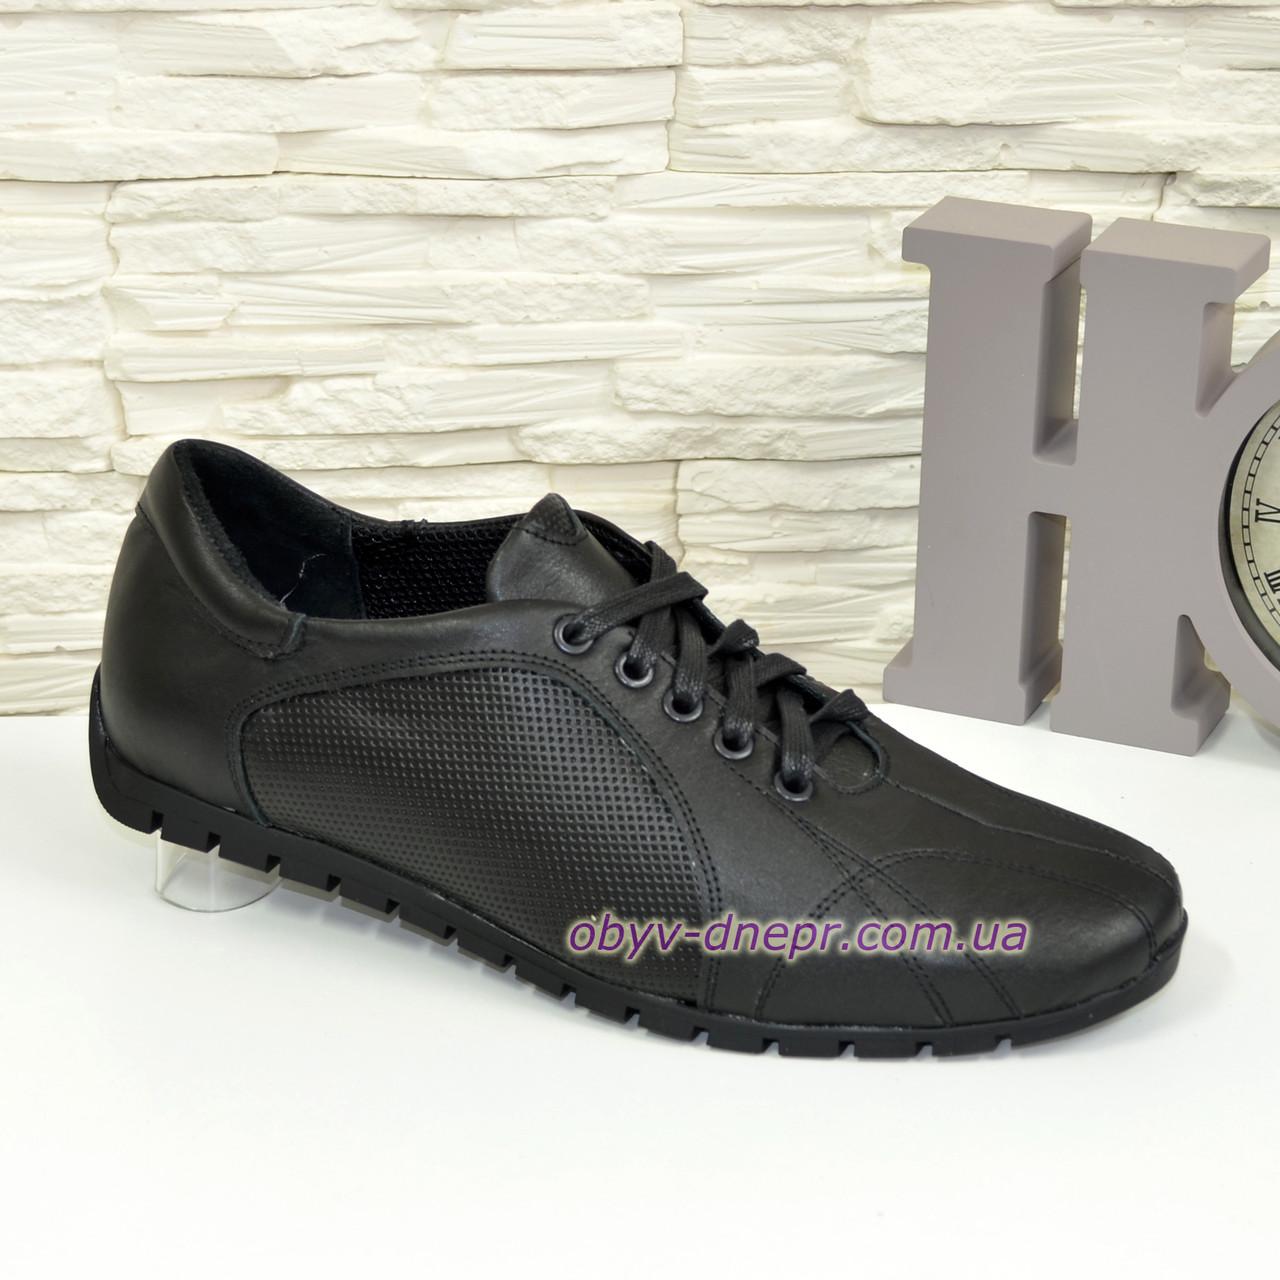 116f984be4736 Туфли-кроссовки кожаные мужские комфортные, цвет черный: продажа ...